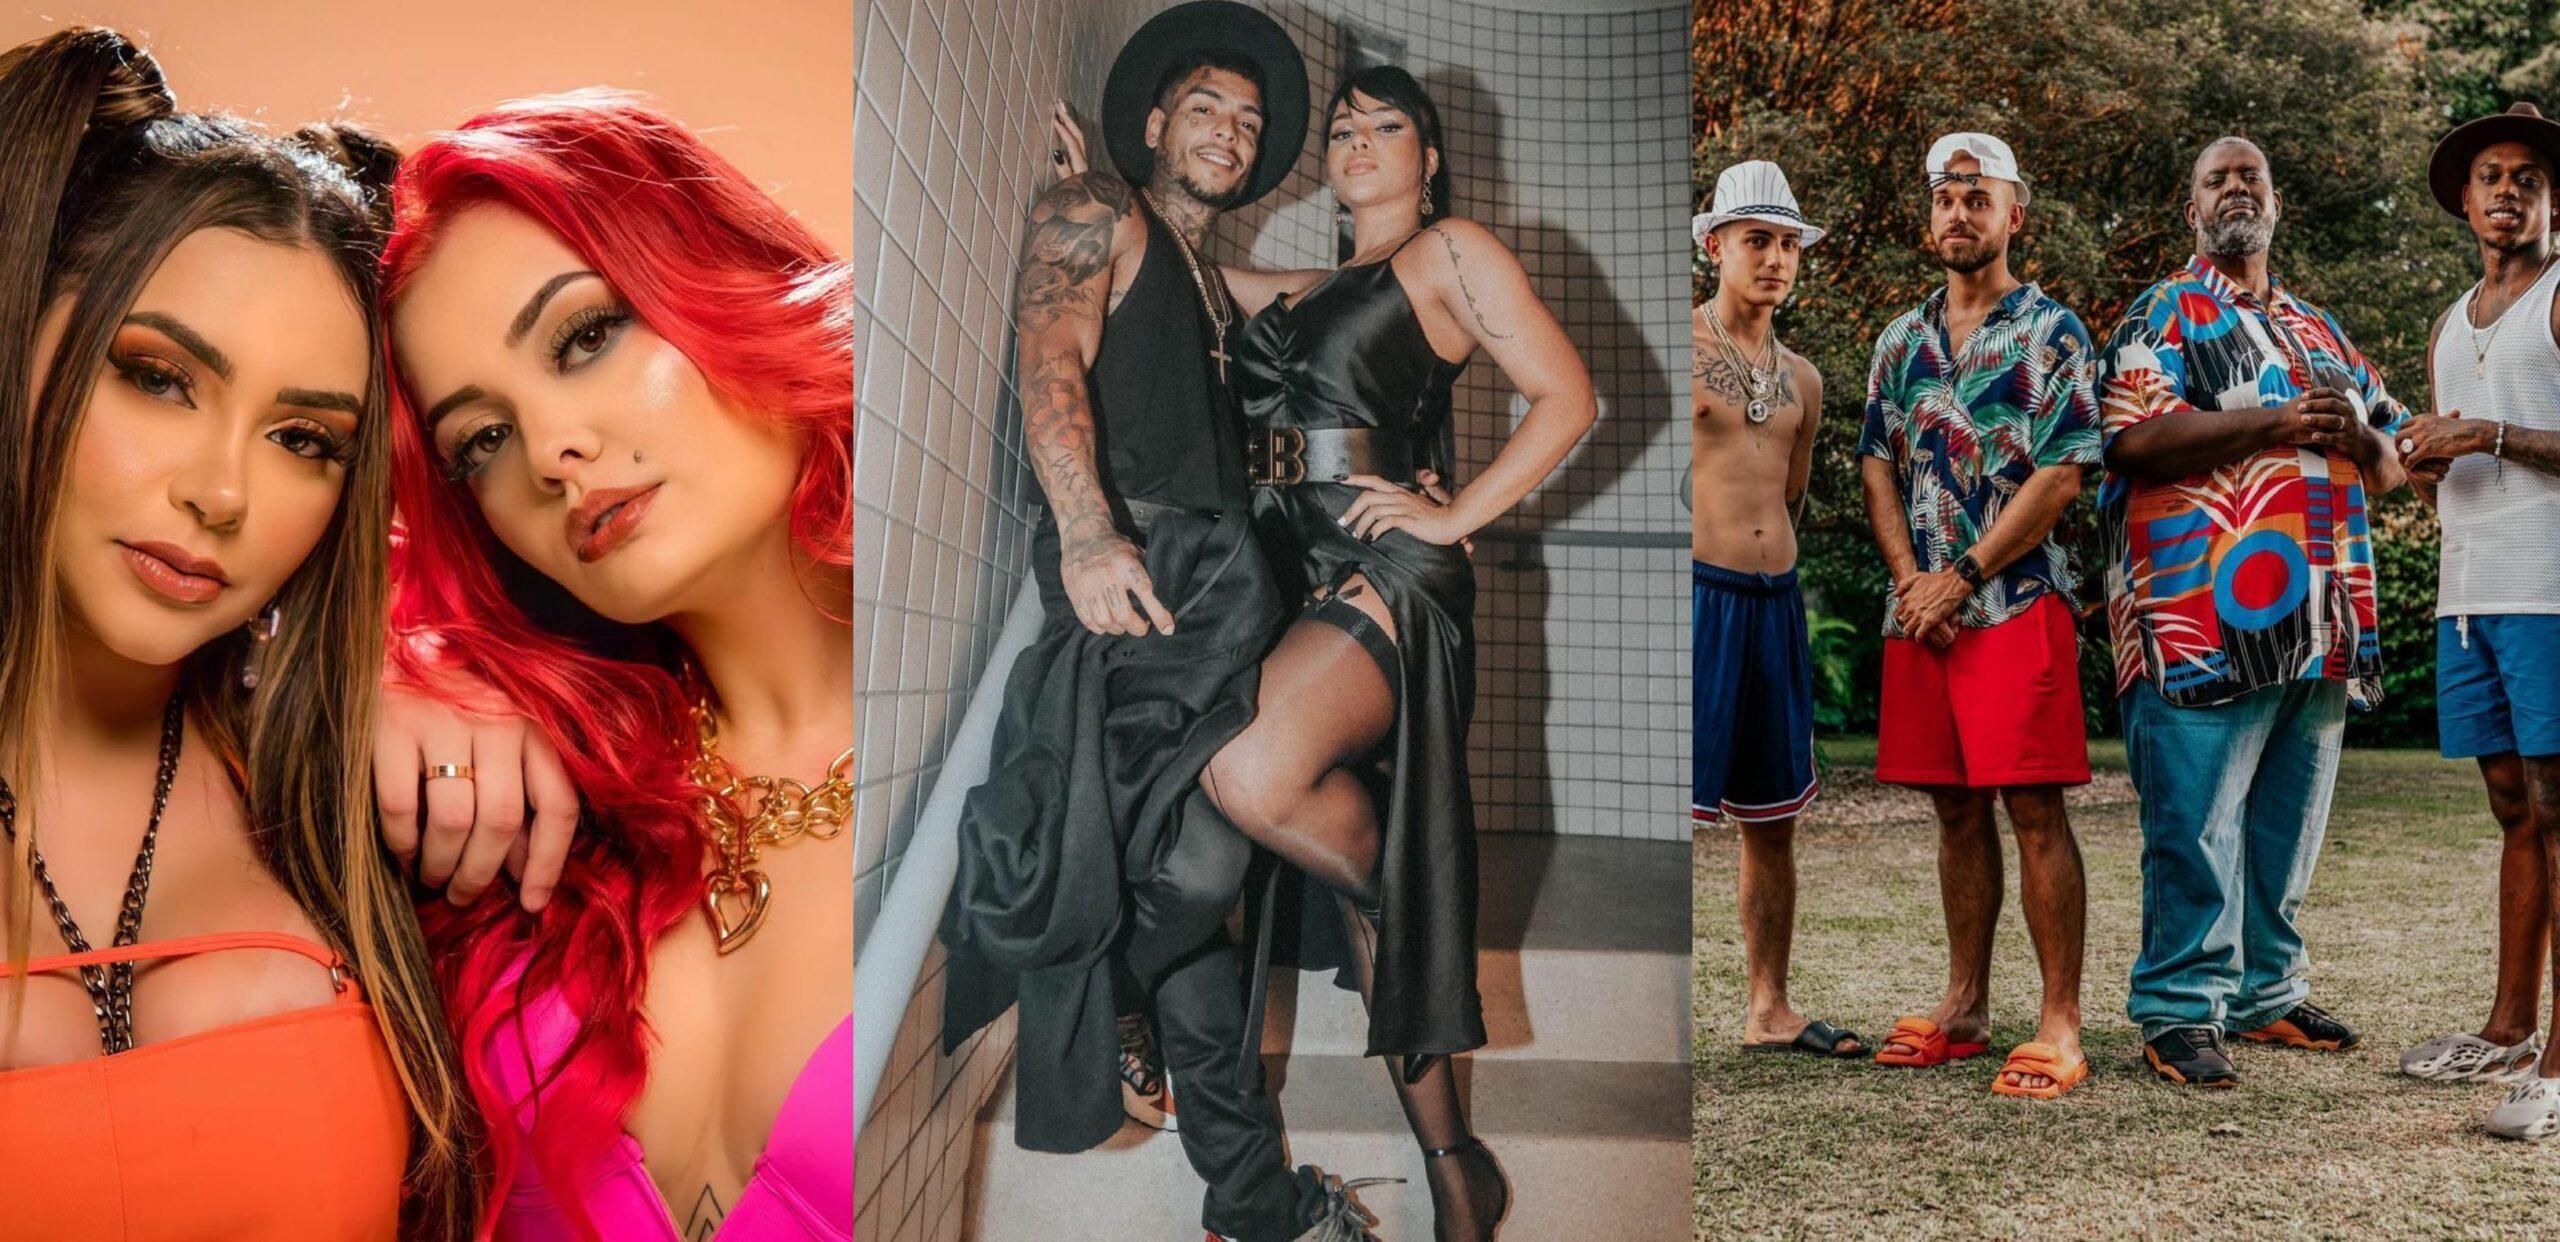 """Paredão de lançamentos: Tainá Costa e MC Mari, videoclipe da Gabily, com MC Kevin, """"Traje de Verão"""" do Papatinho, e muito mais!"""